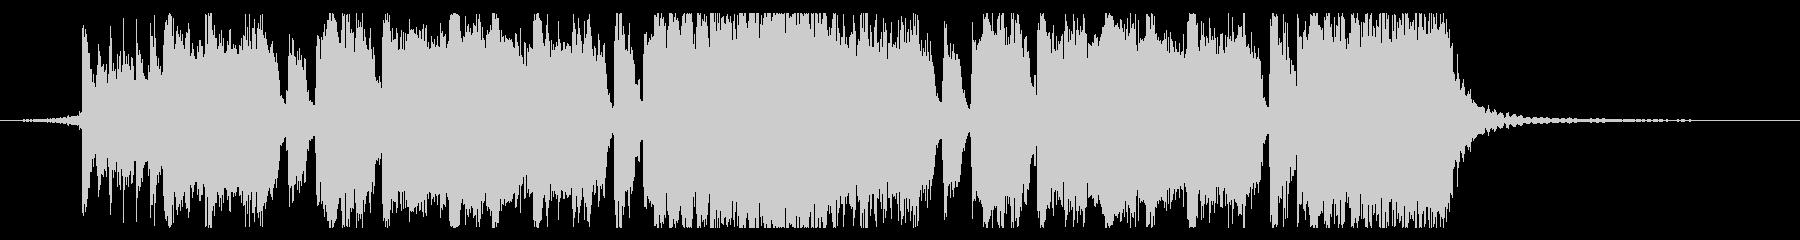 シンプルなメタル系のジングル3の未再生の波形